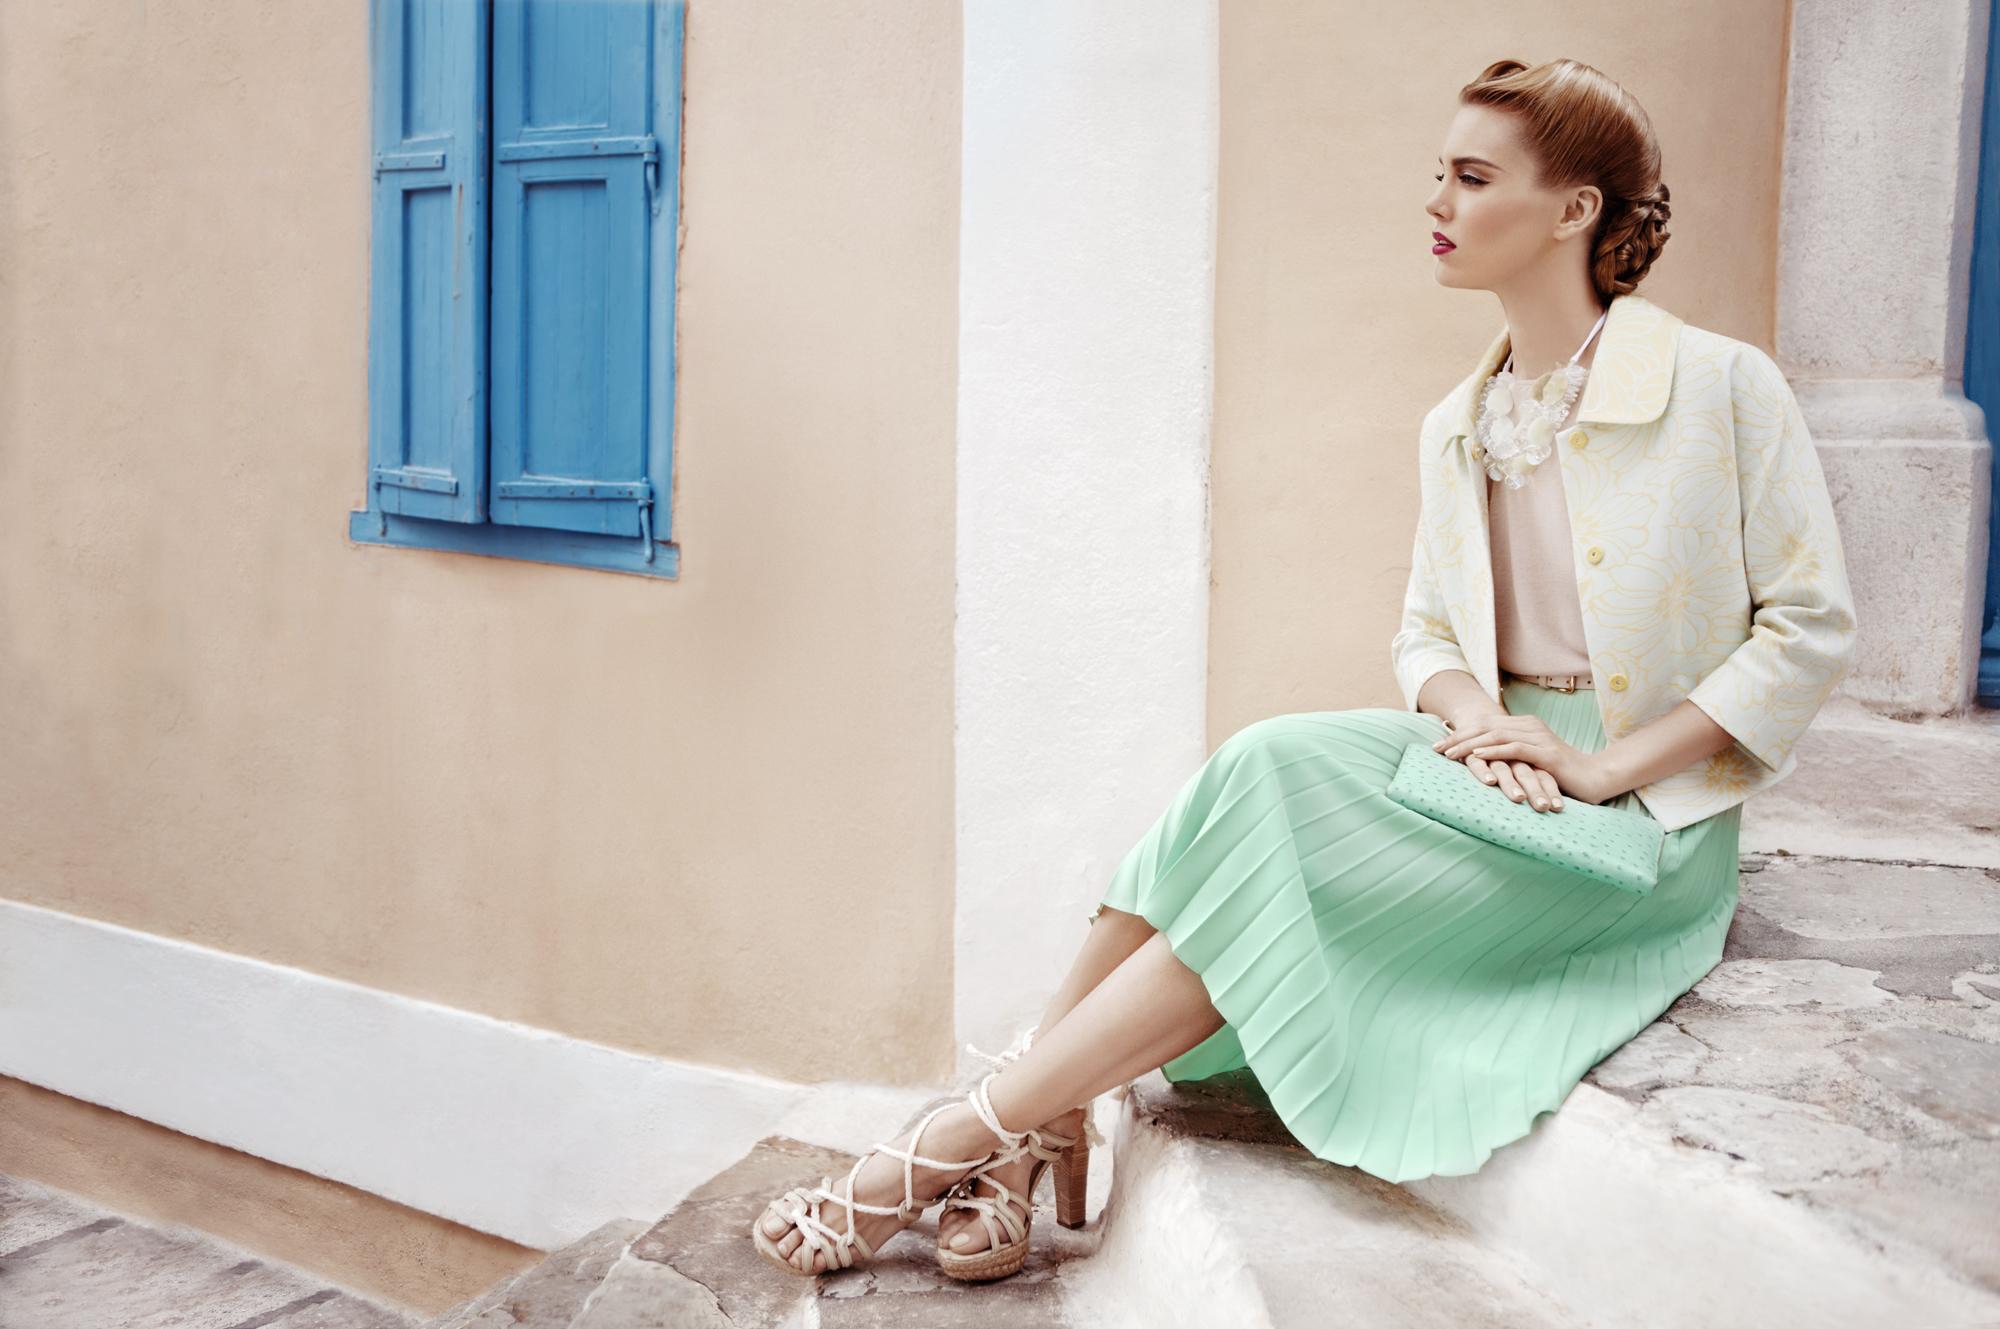 عکس دختر نشسته روی پله با دامن و کیف پسته ای